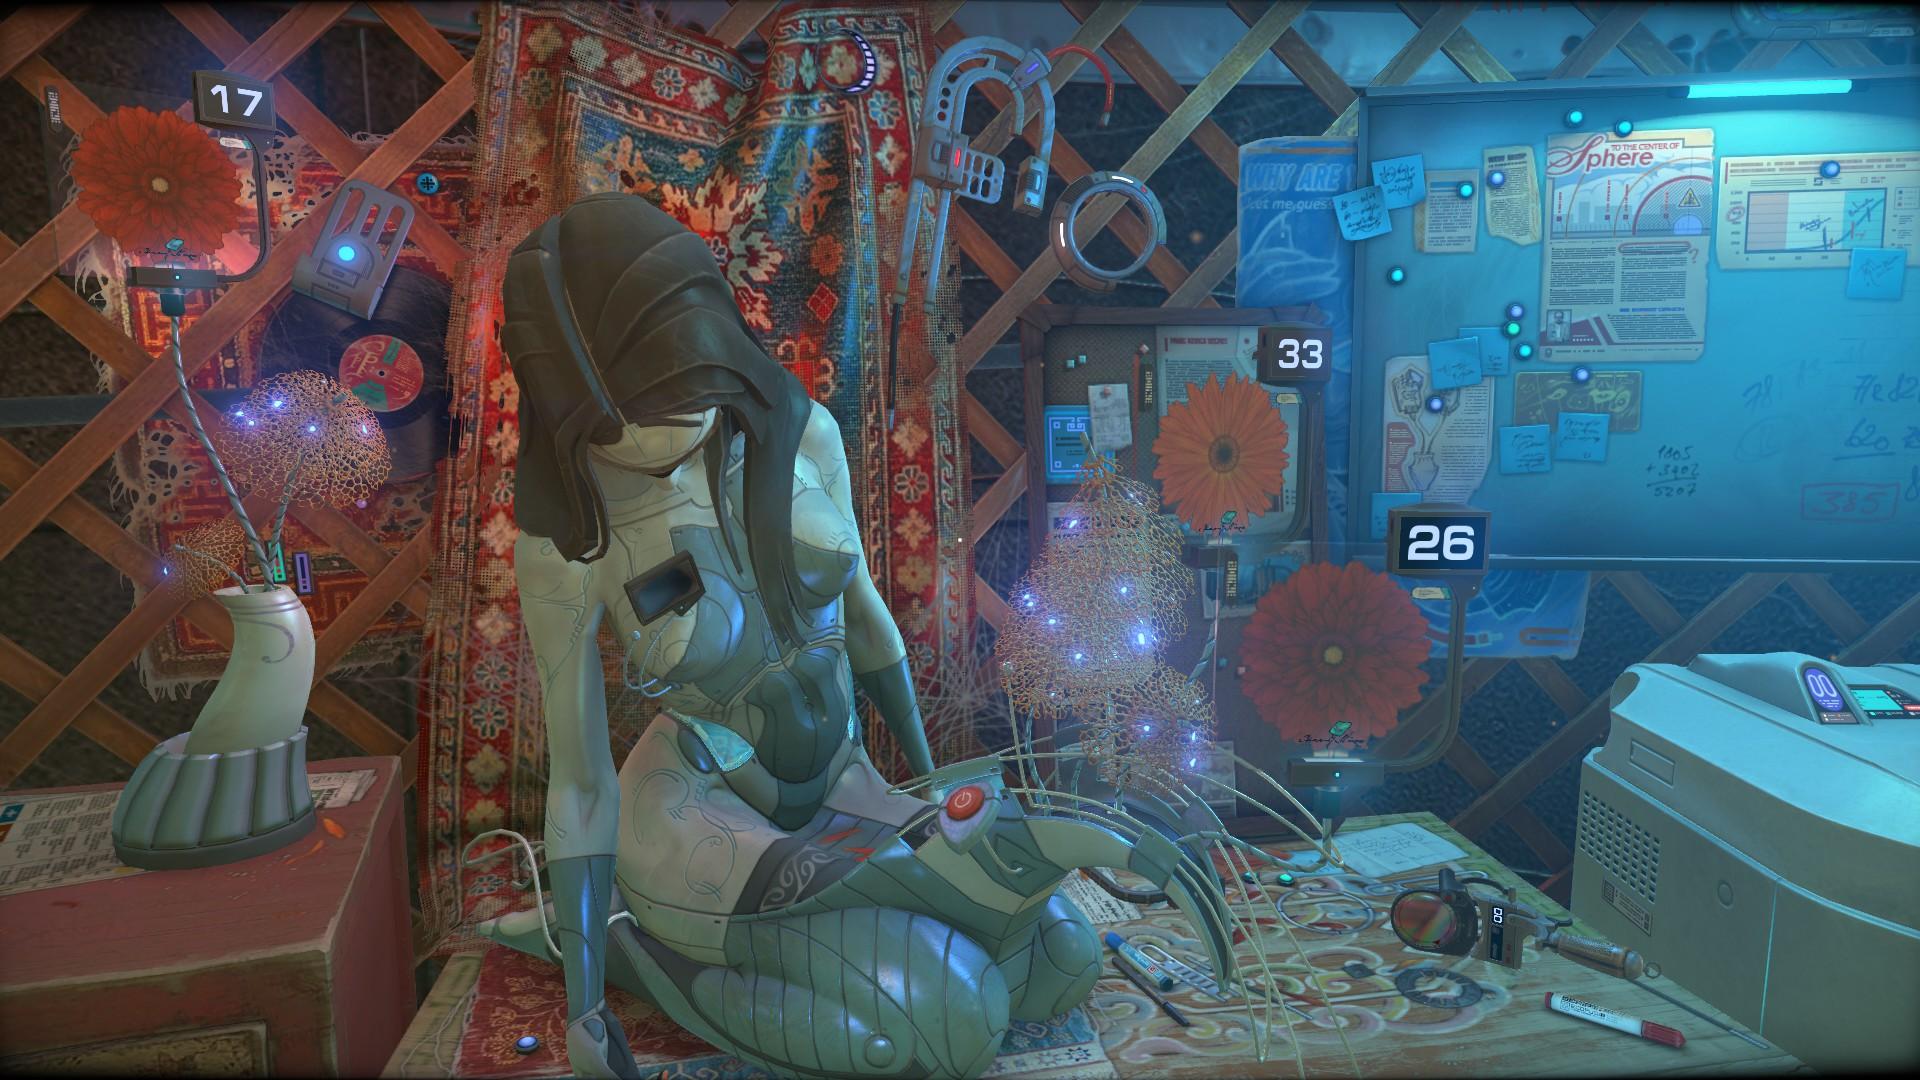 Взгляд на научно-фантастический квест Cradle  - Изображение 3